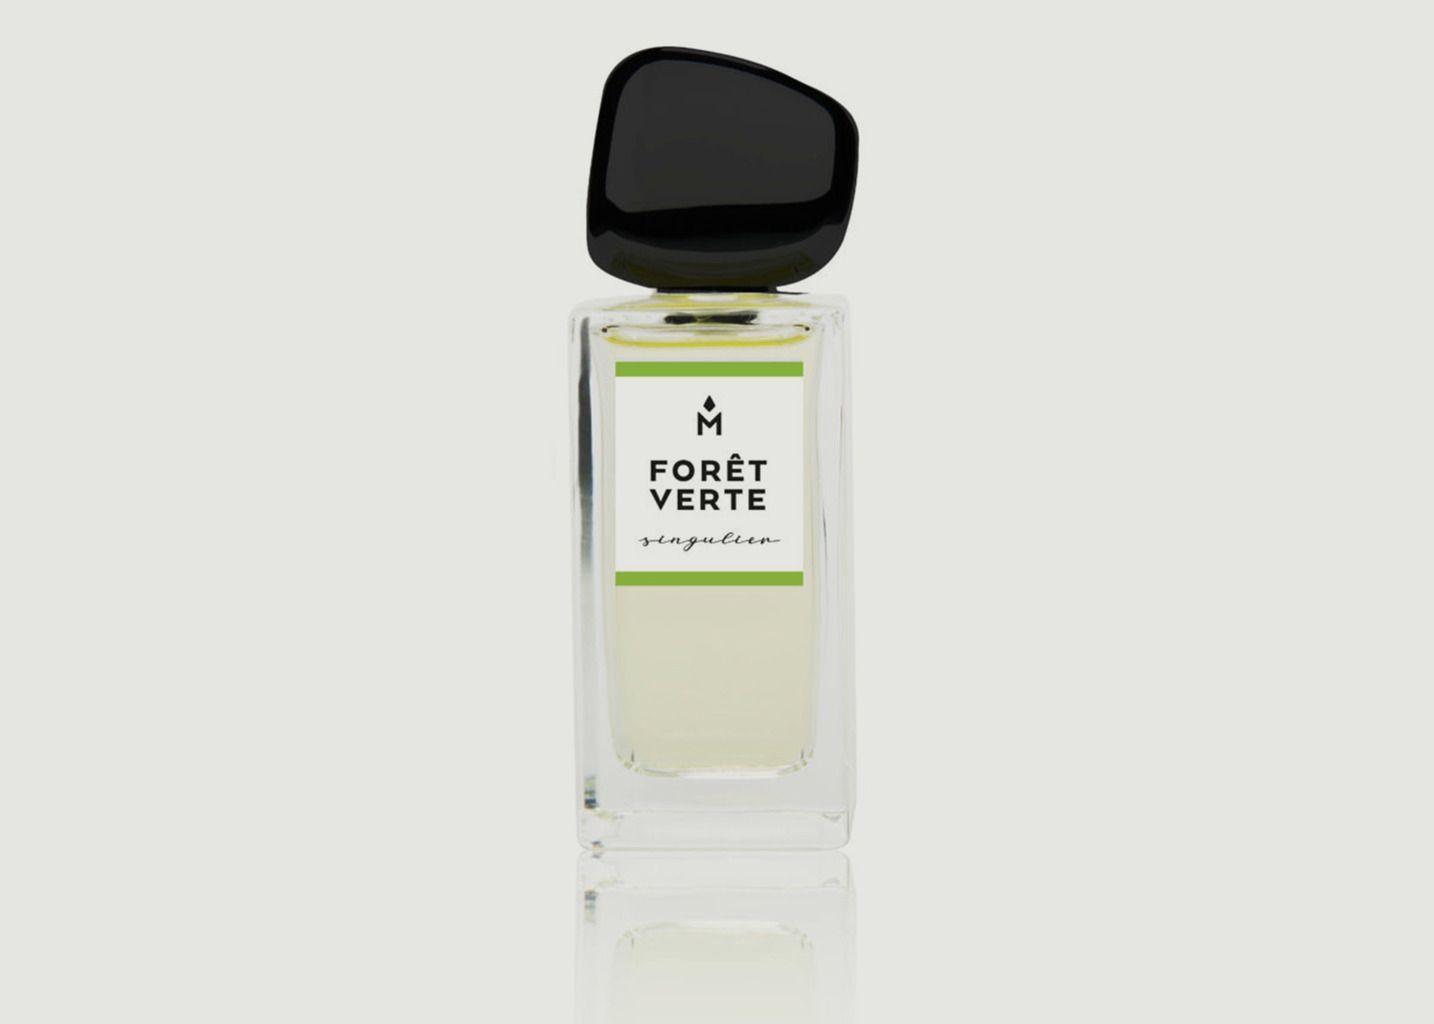 Parfum Forêt Verte 50 ml - Ausmane Paris